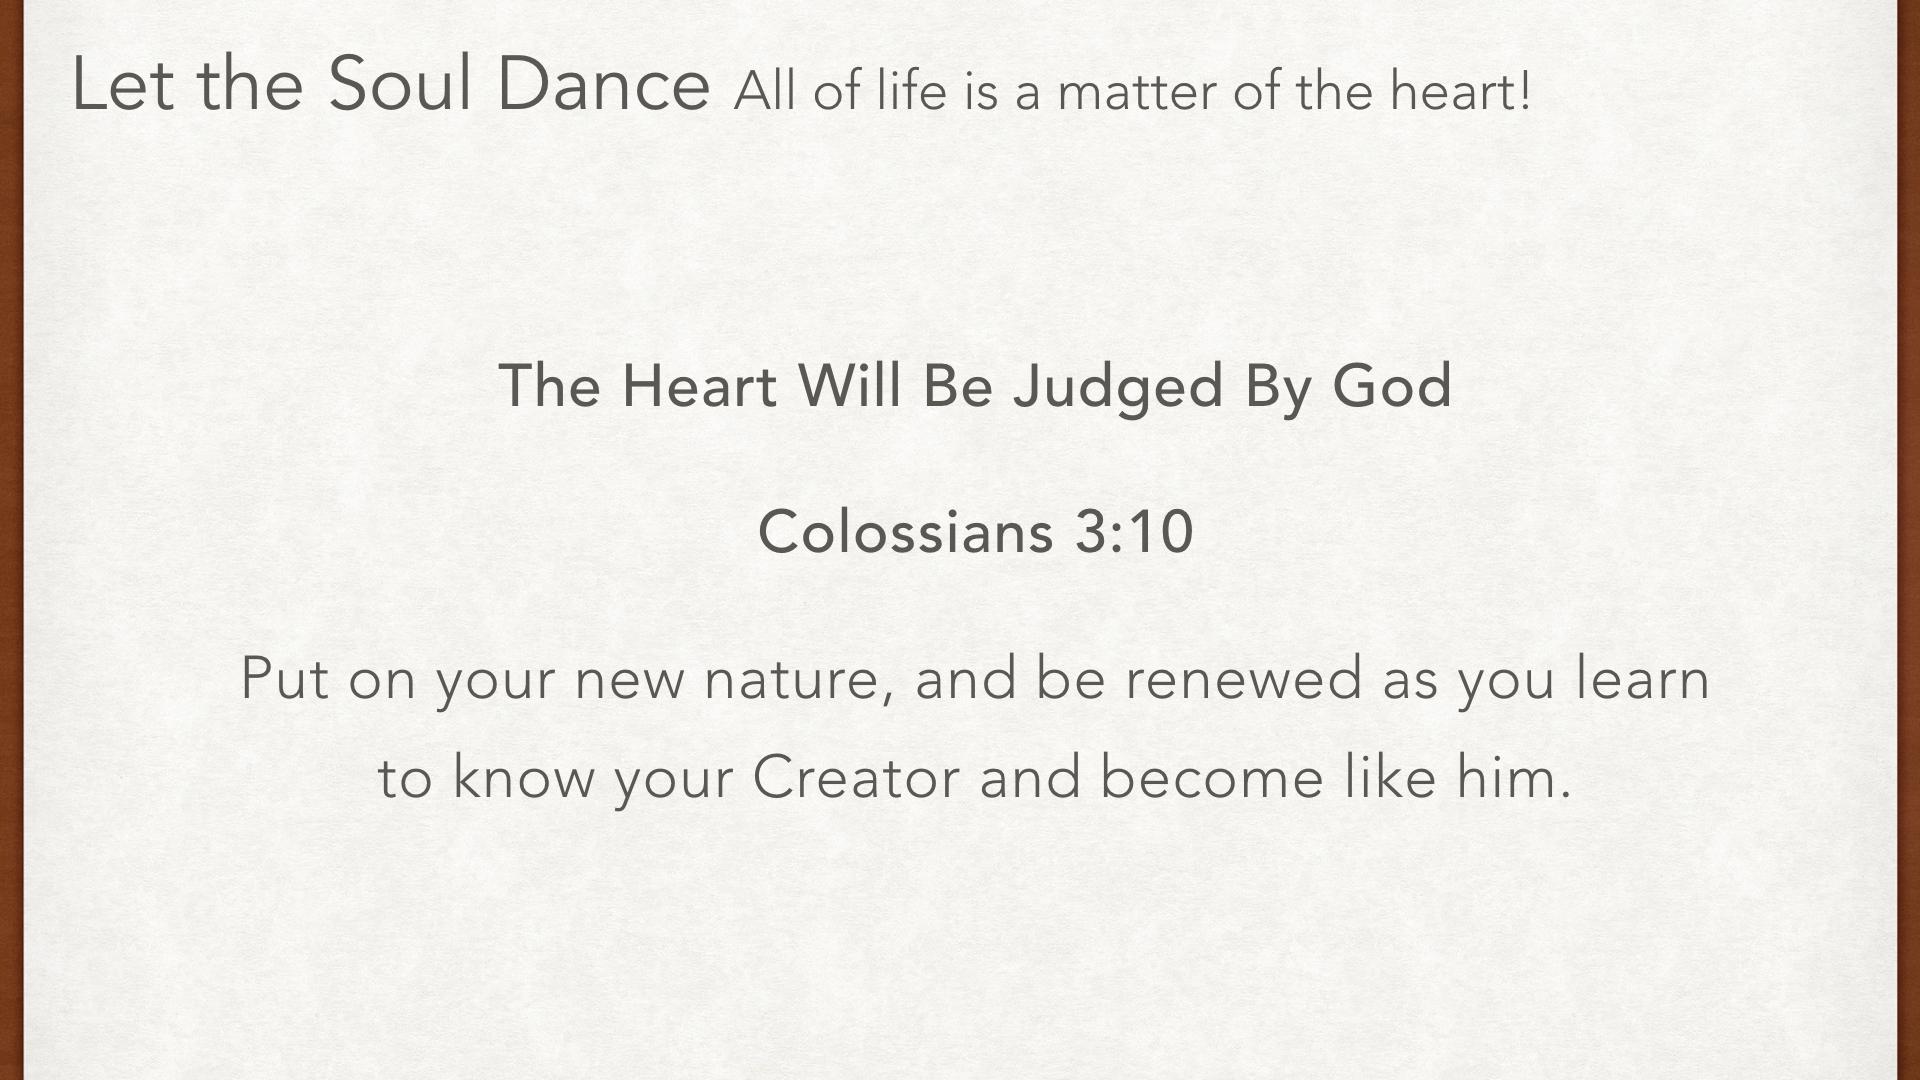 let-the-soul-dance-oct-23-2016-007